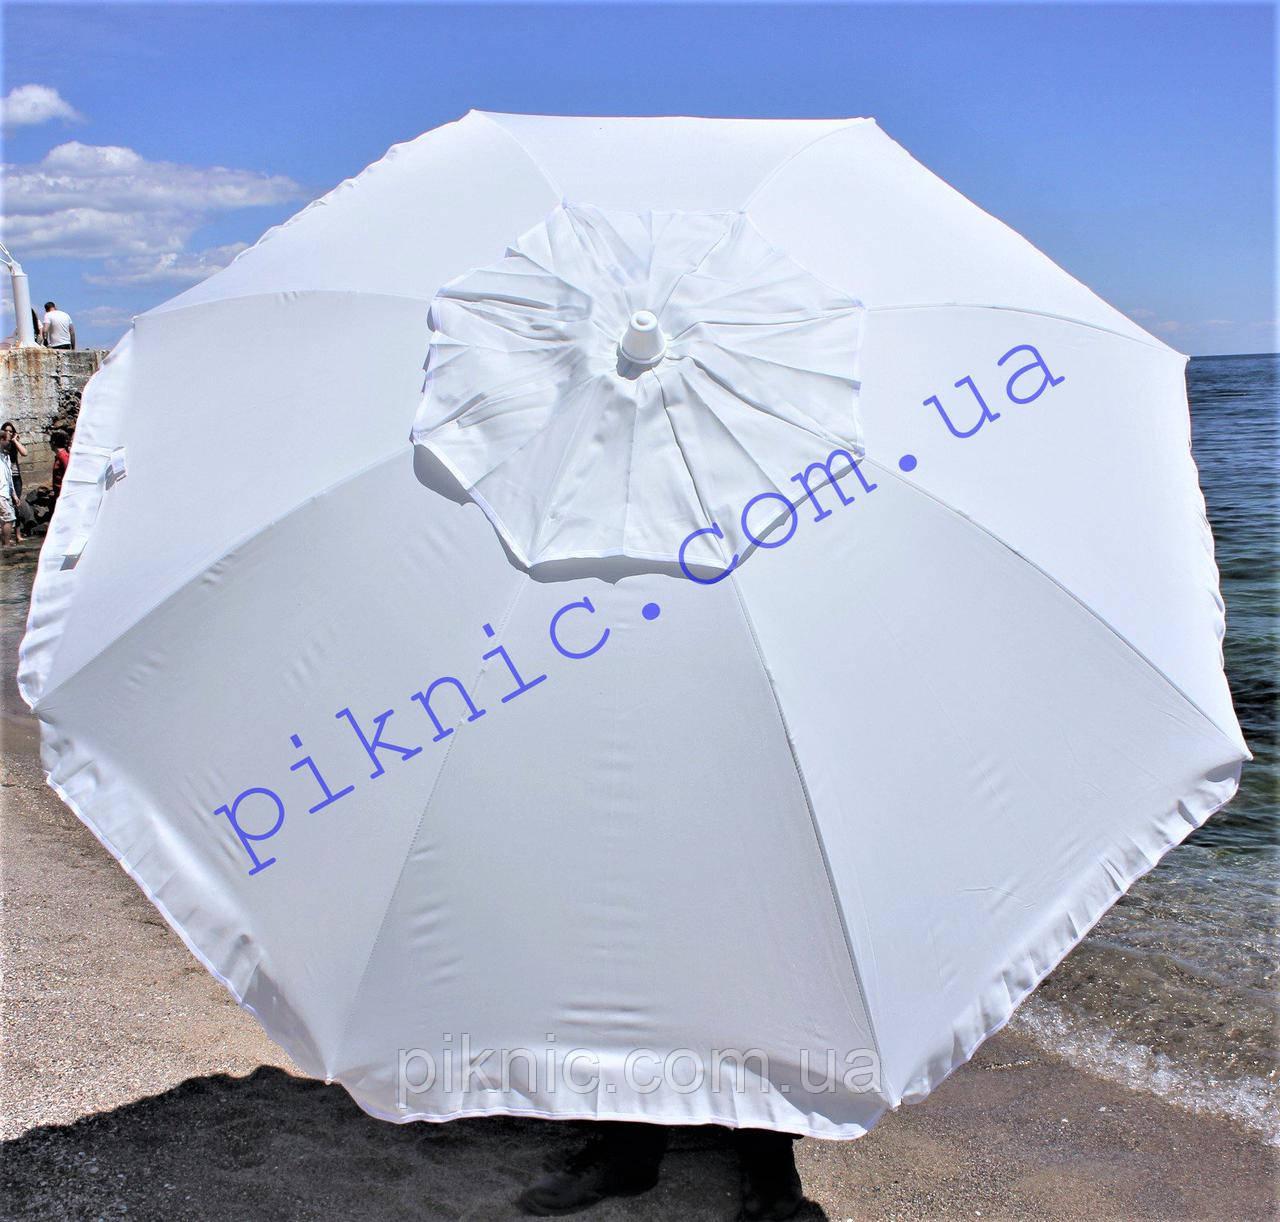 Зонт пляжный Белый 2 м клапан и наклон плотная ткань тканевый чехол Зонтик для пляжа от солнца 352